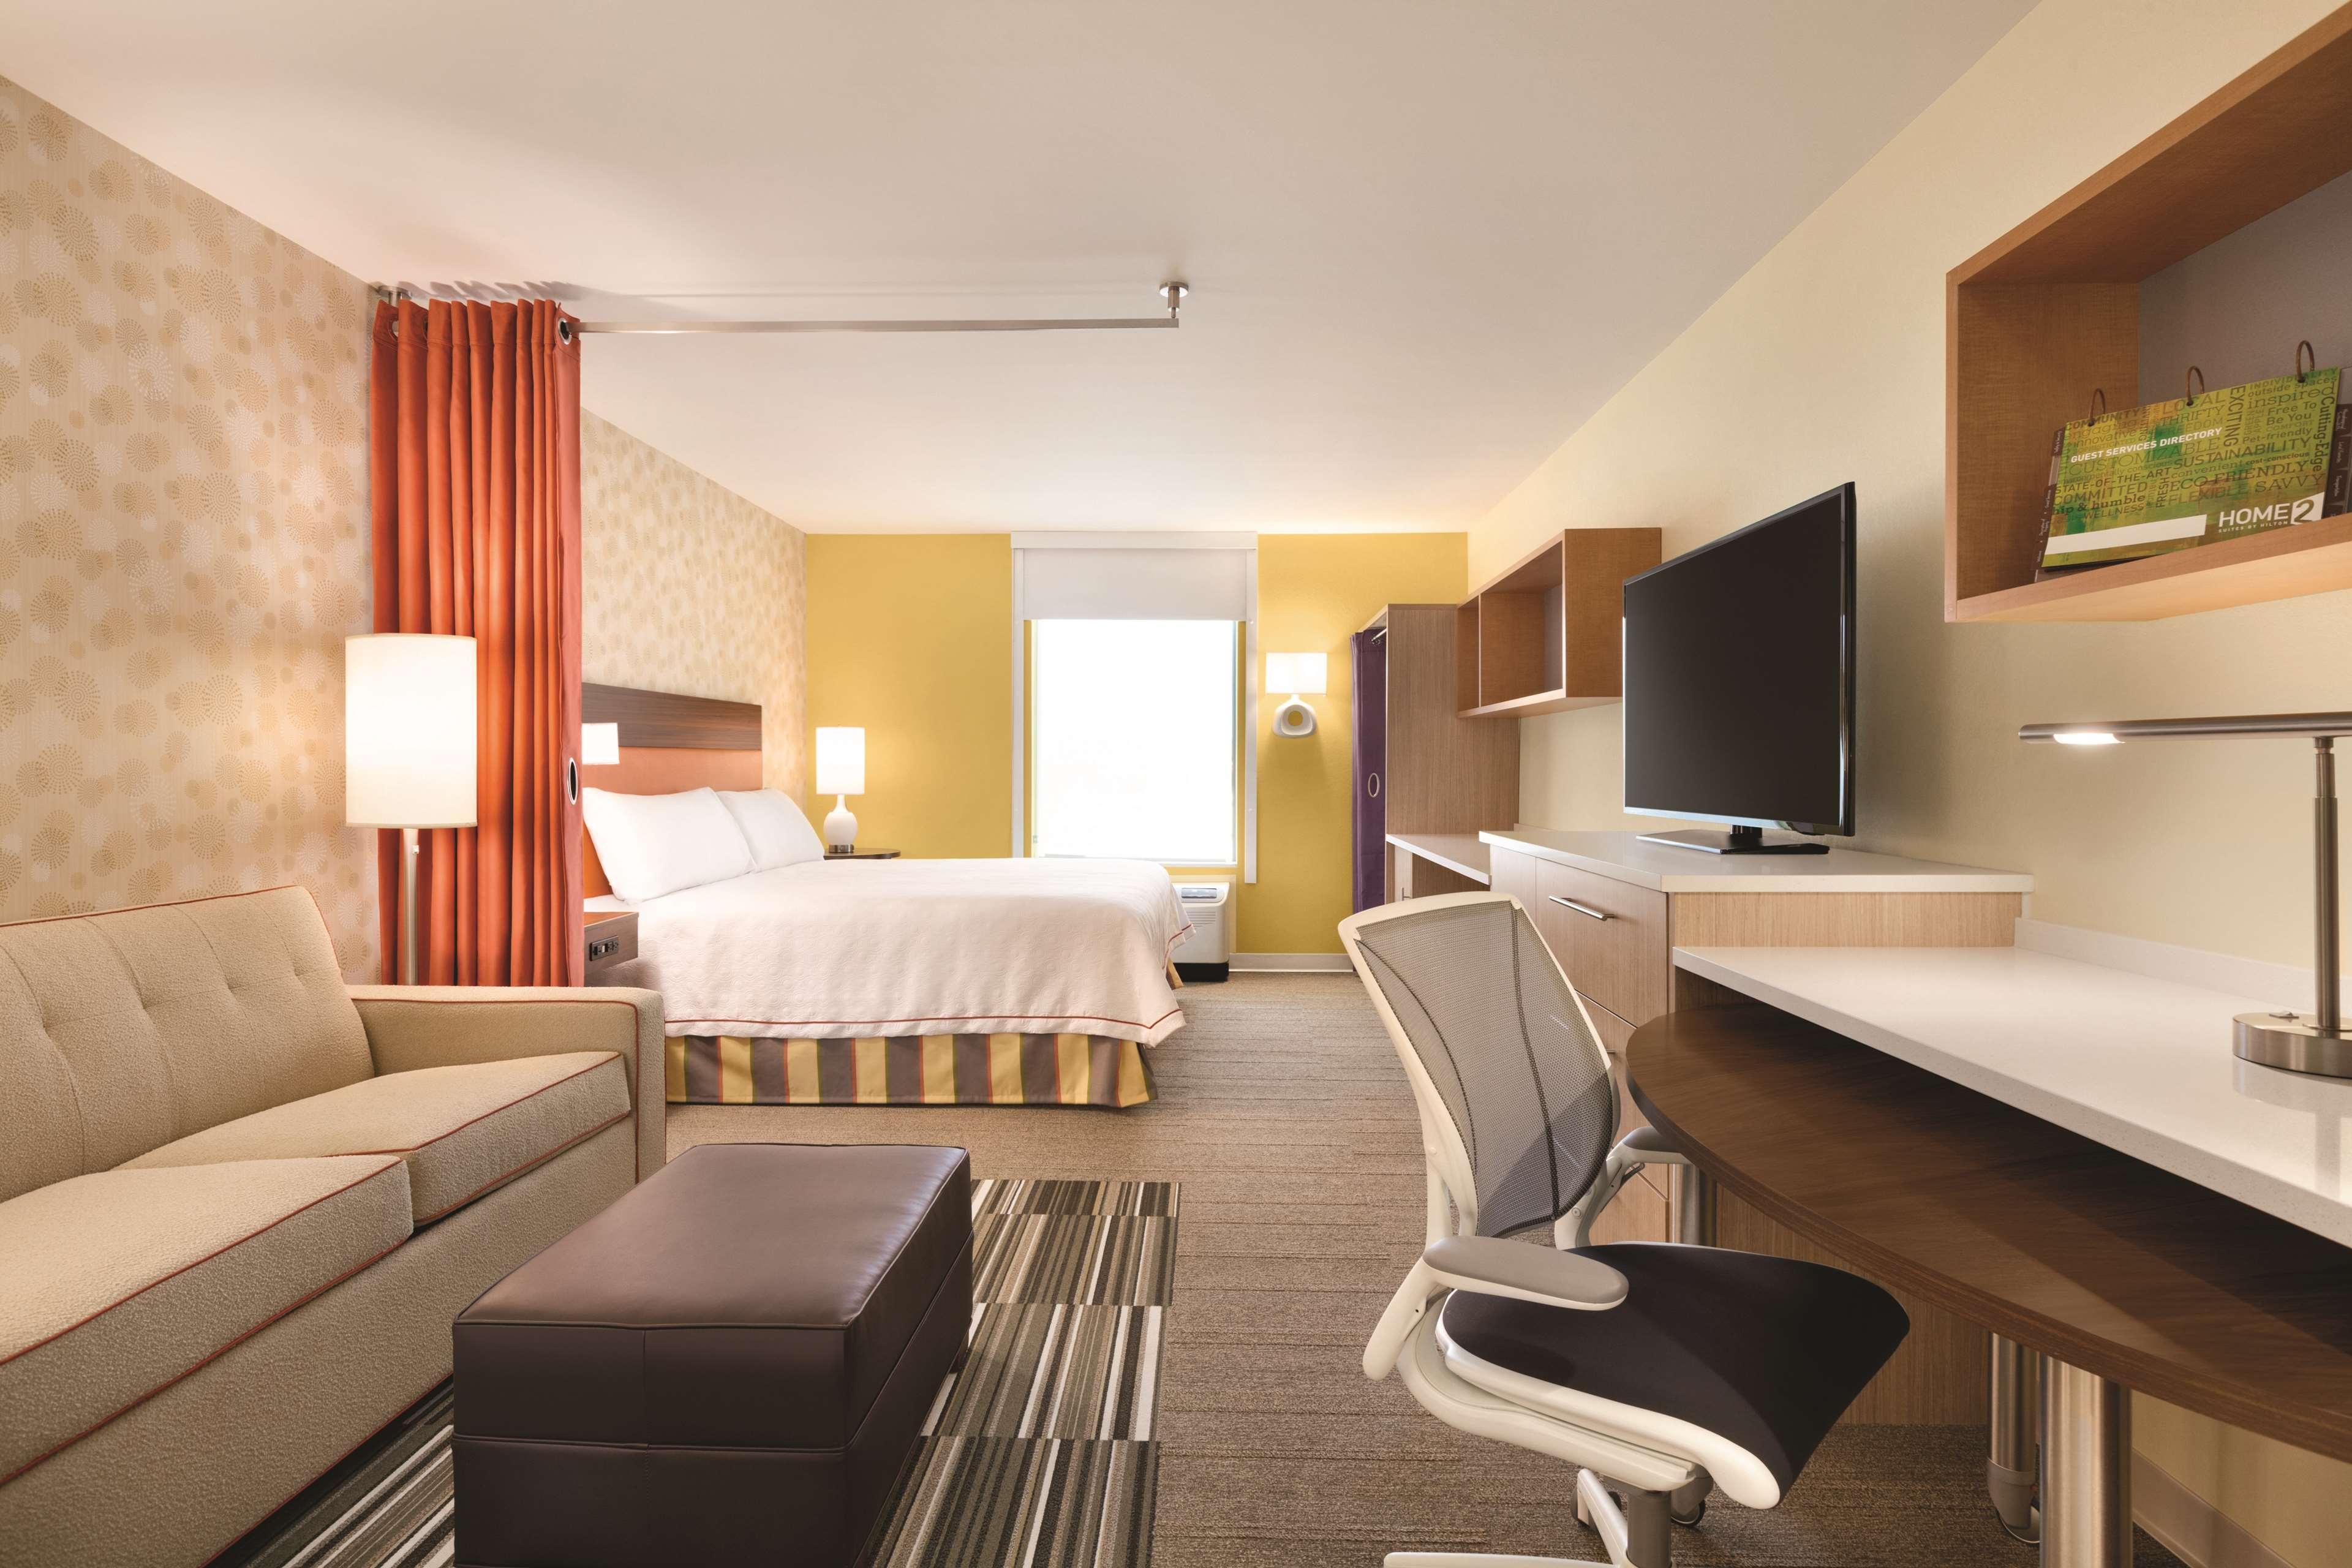 Home2 Suites by Hilton Phoenix-Tempe ASU Research Park image 19